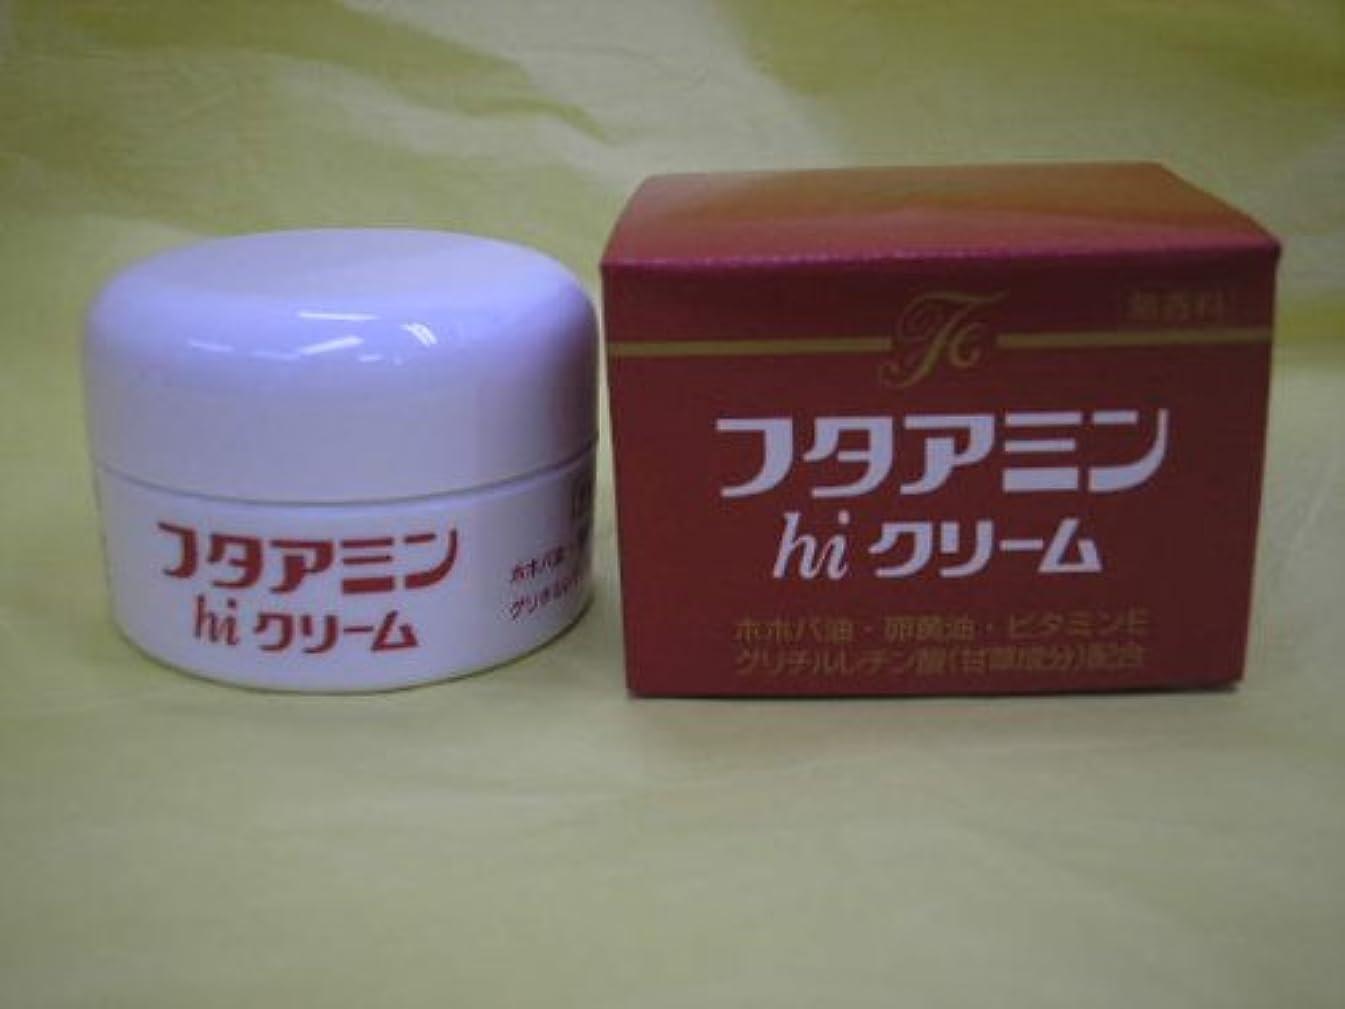 編集者回復する吸うフタアミンhiクリーム 55g(無香料)医薬部外品